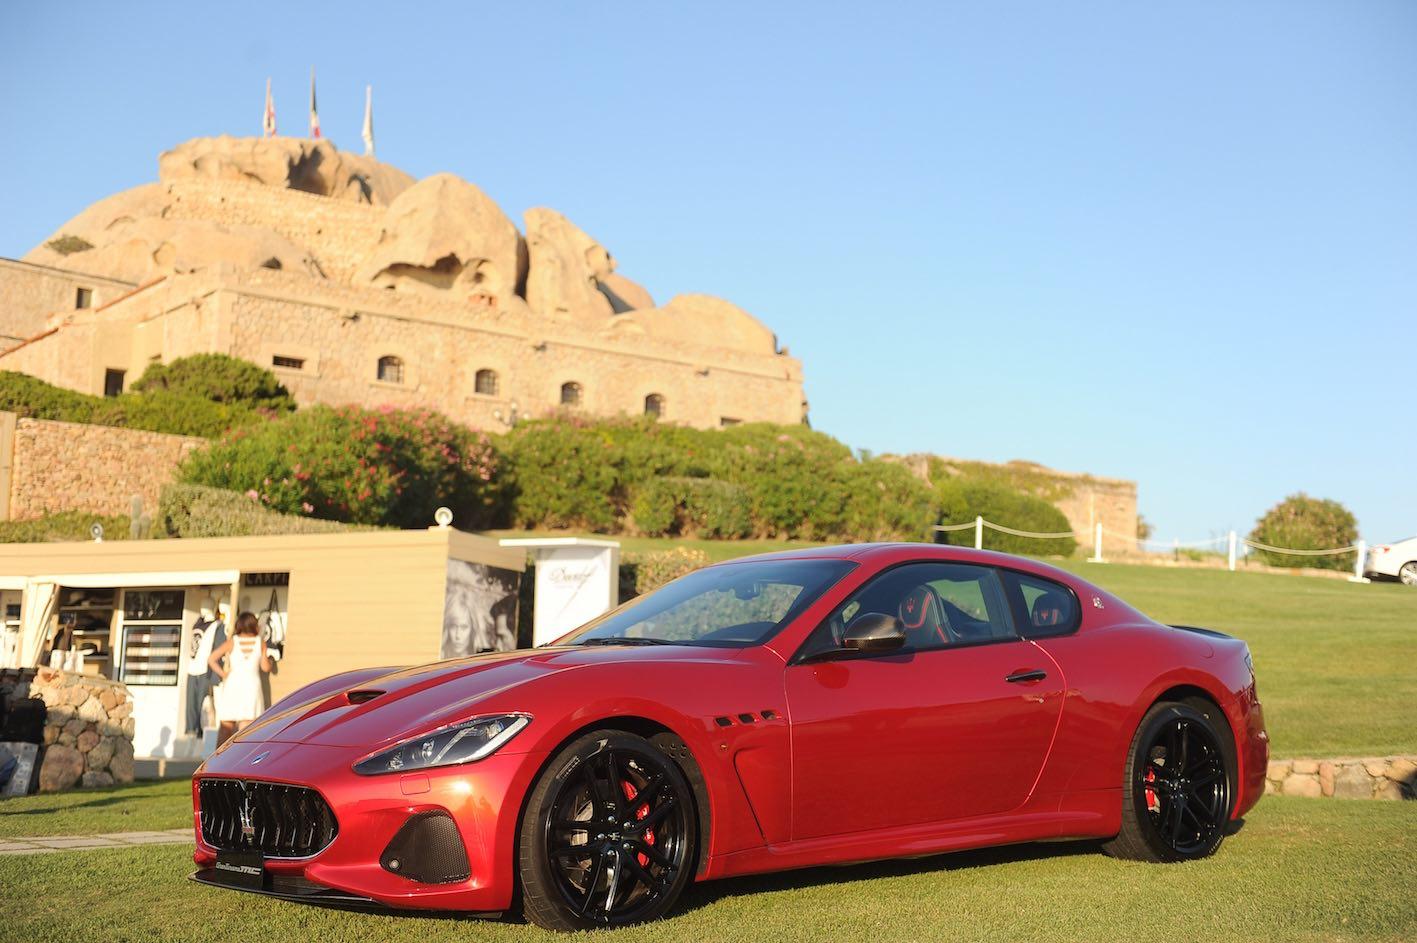 Maserati GranTurismo MC Rot Modell 2018